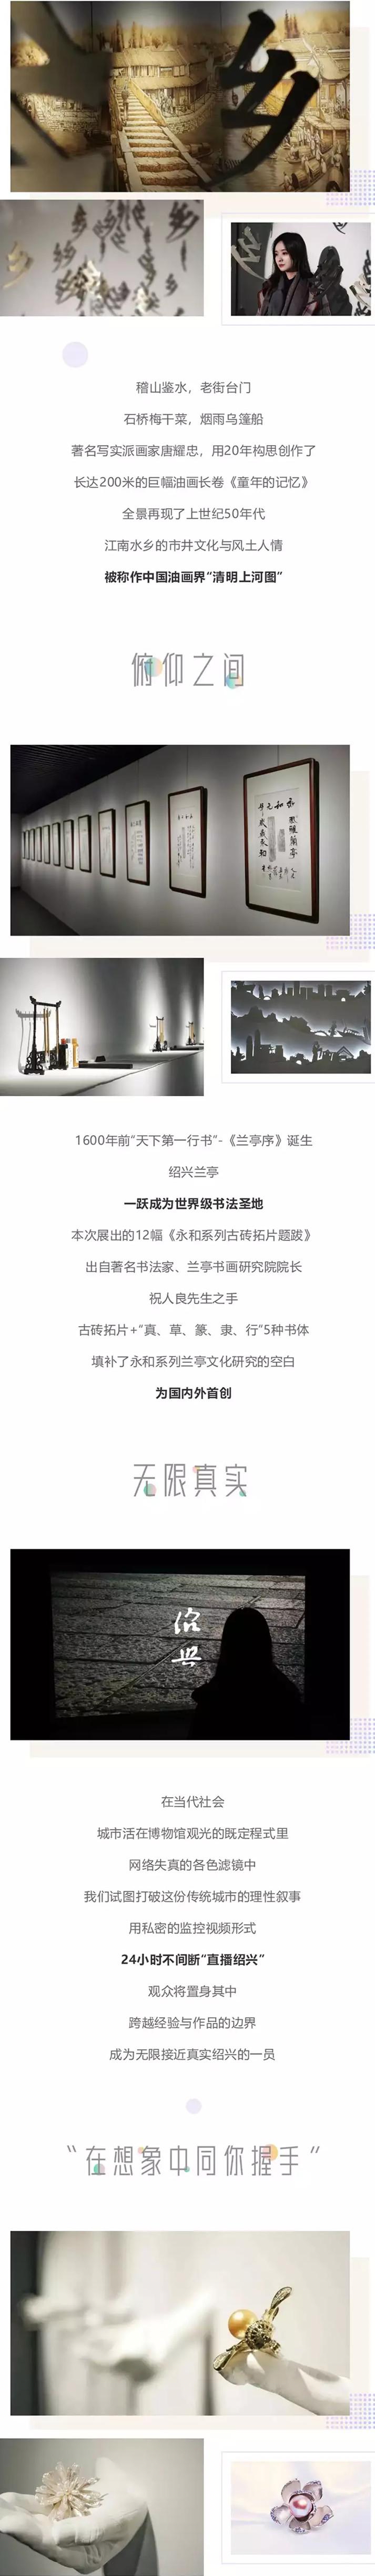 2021「最城市」绍兴记忆装置展:触点·未知空间-上海站